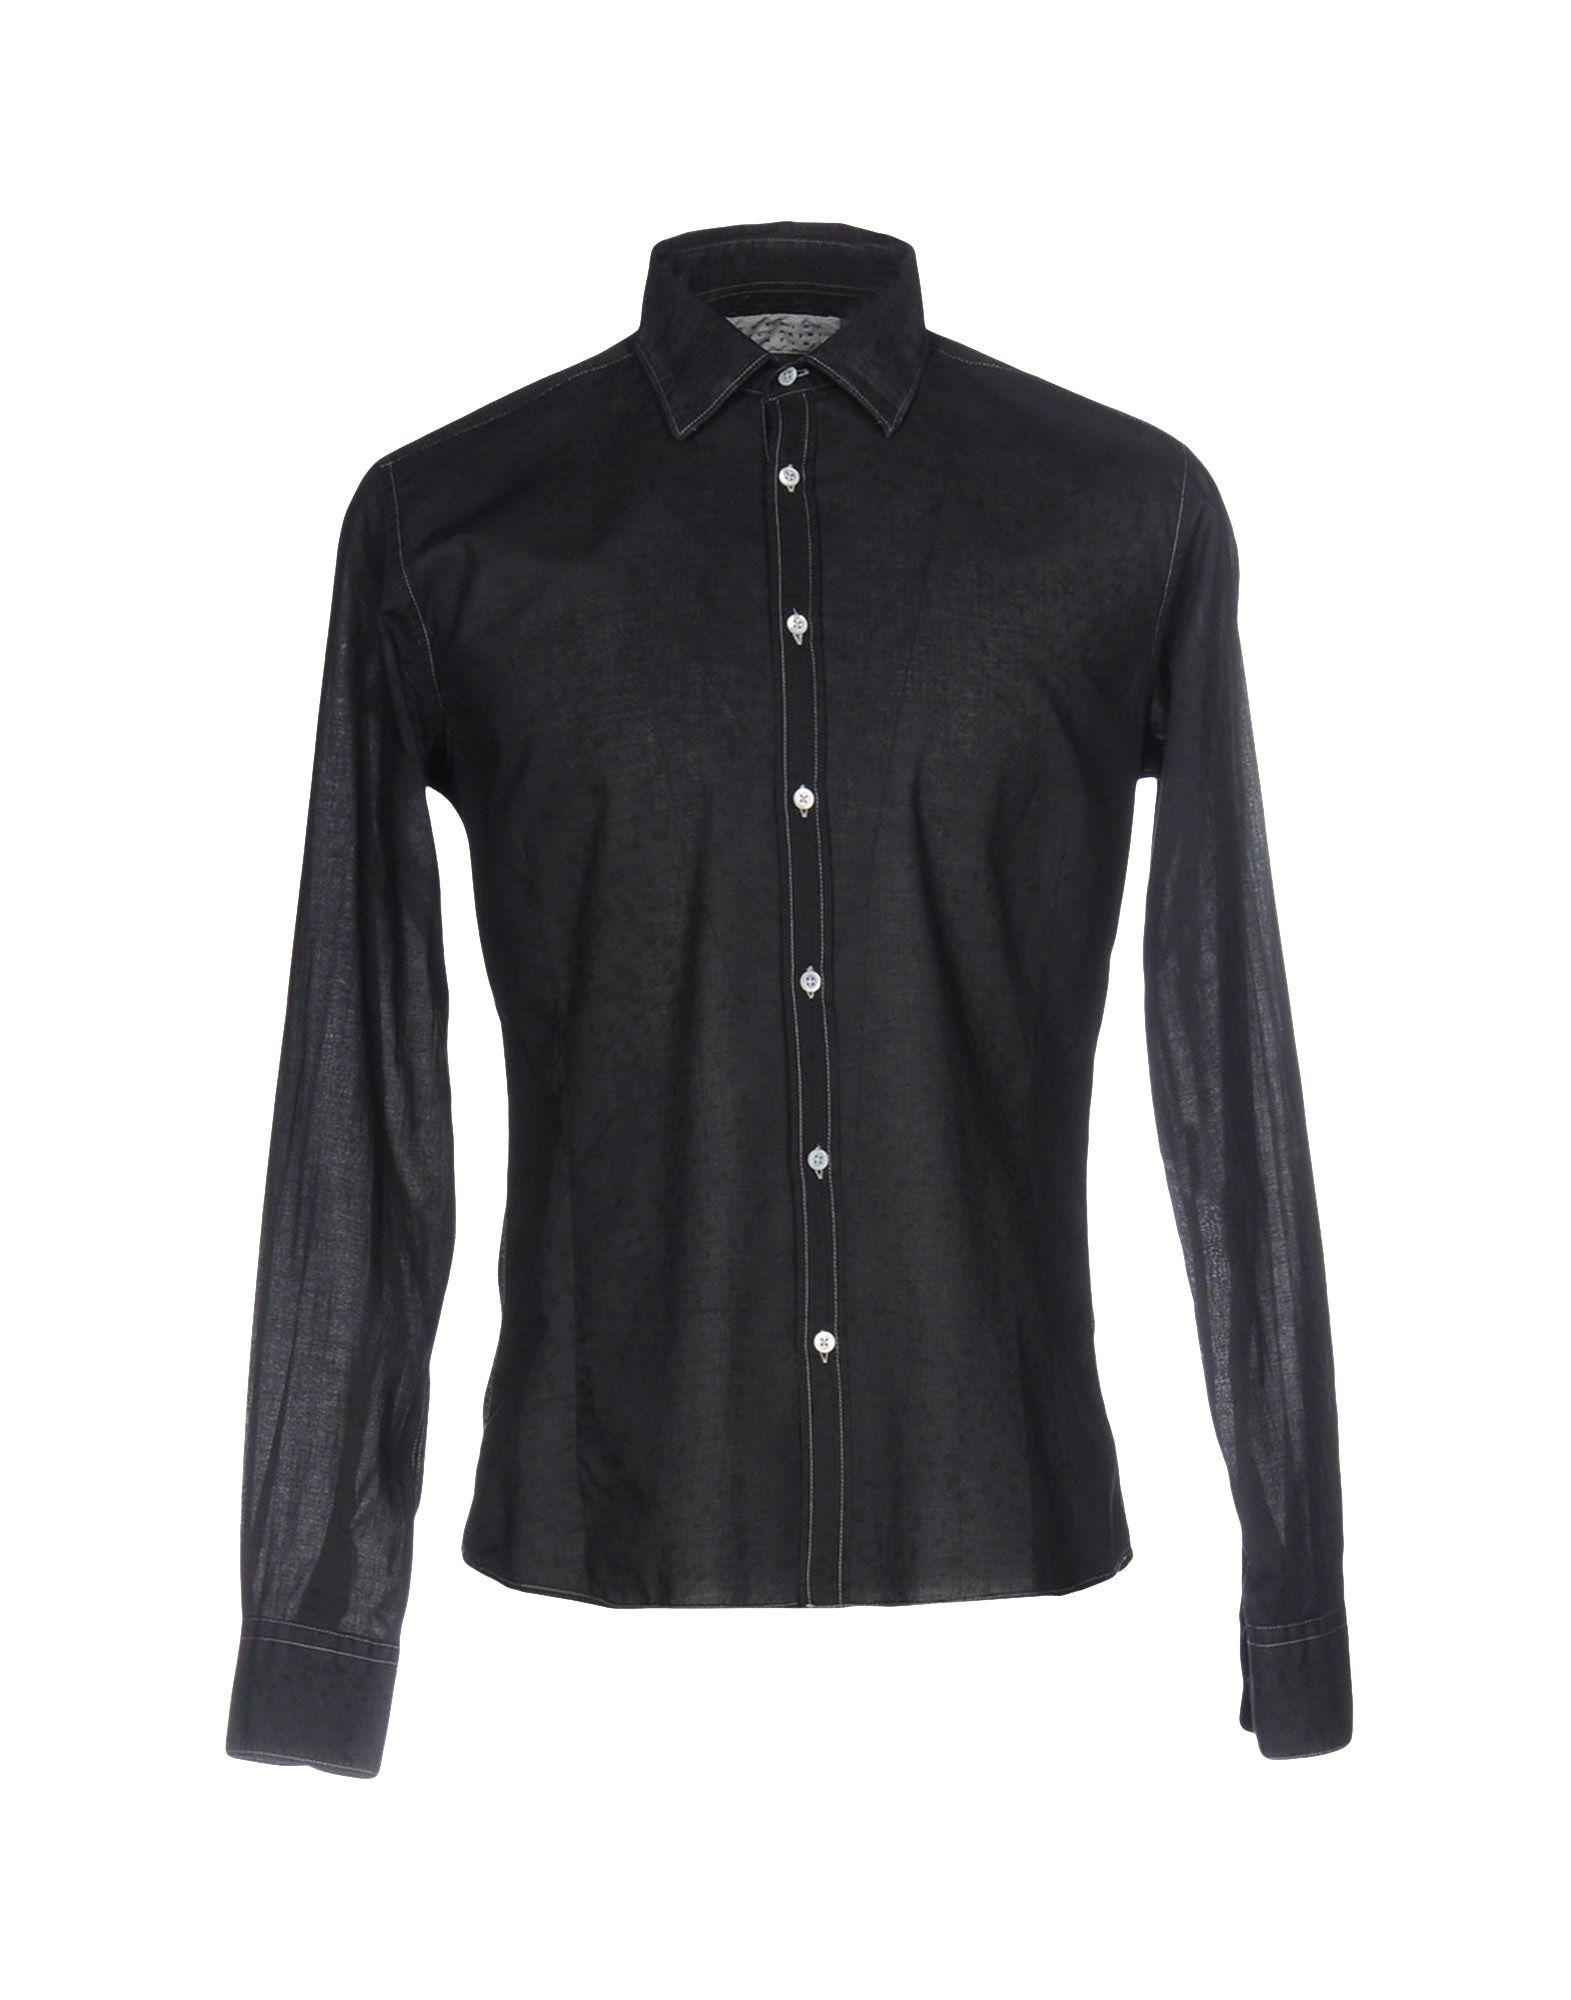 《送料無料》GHEDINI ZUCCARINI CONTINI メンズ シャツ ダークブルー 40 コットン 100%